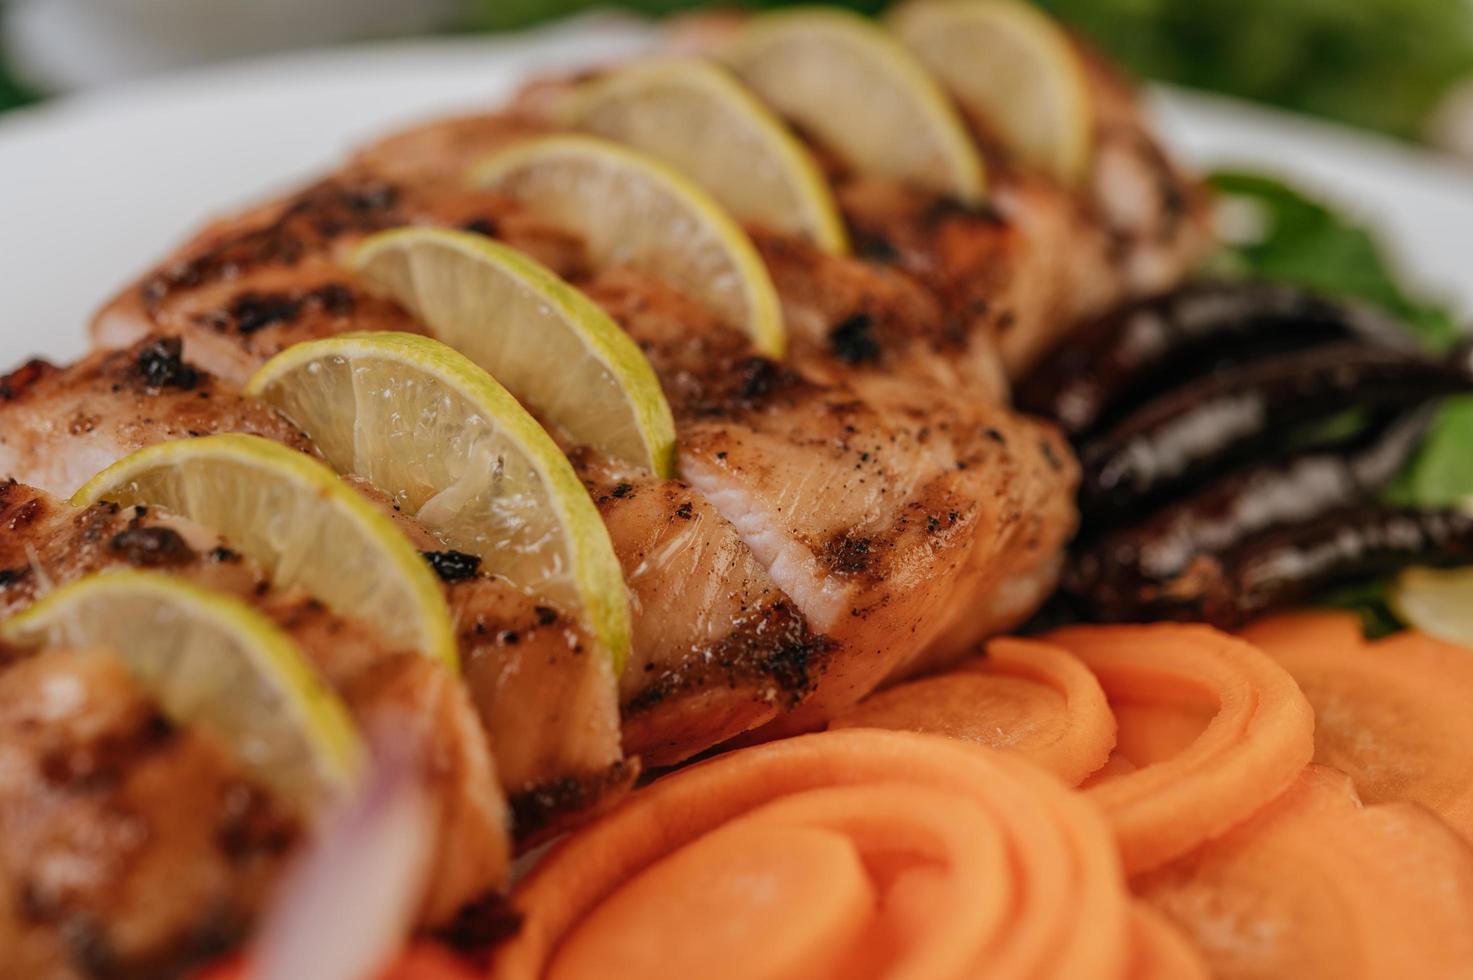 poulet gourmet grillé en tranches photo